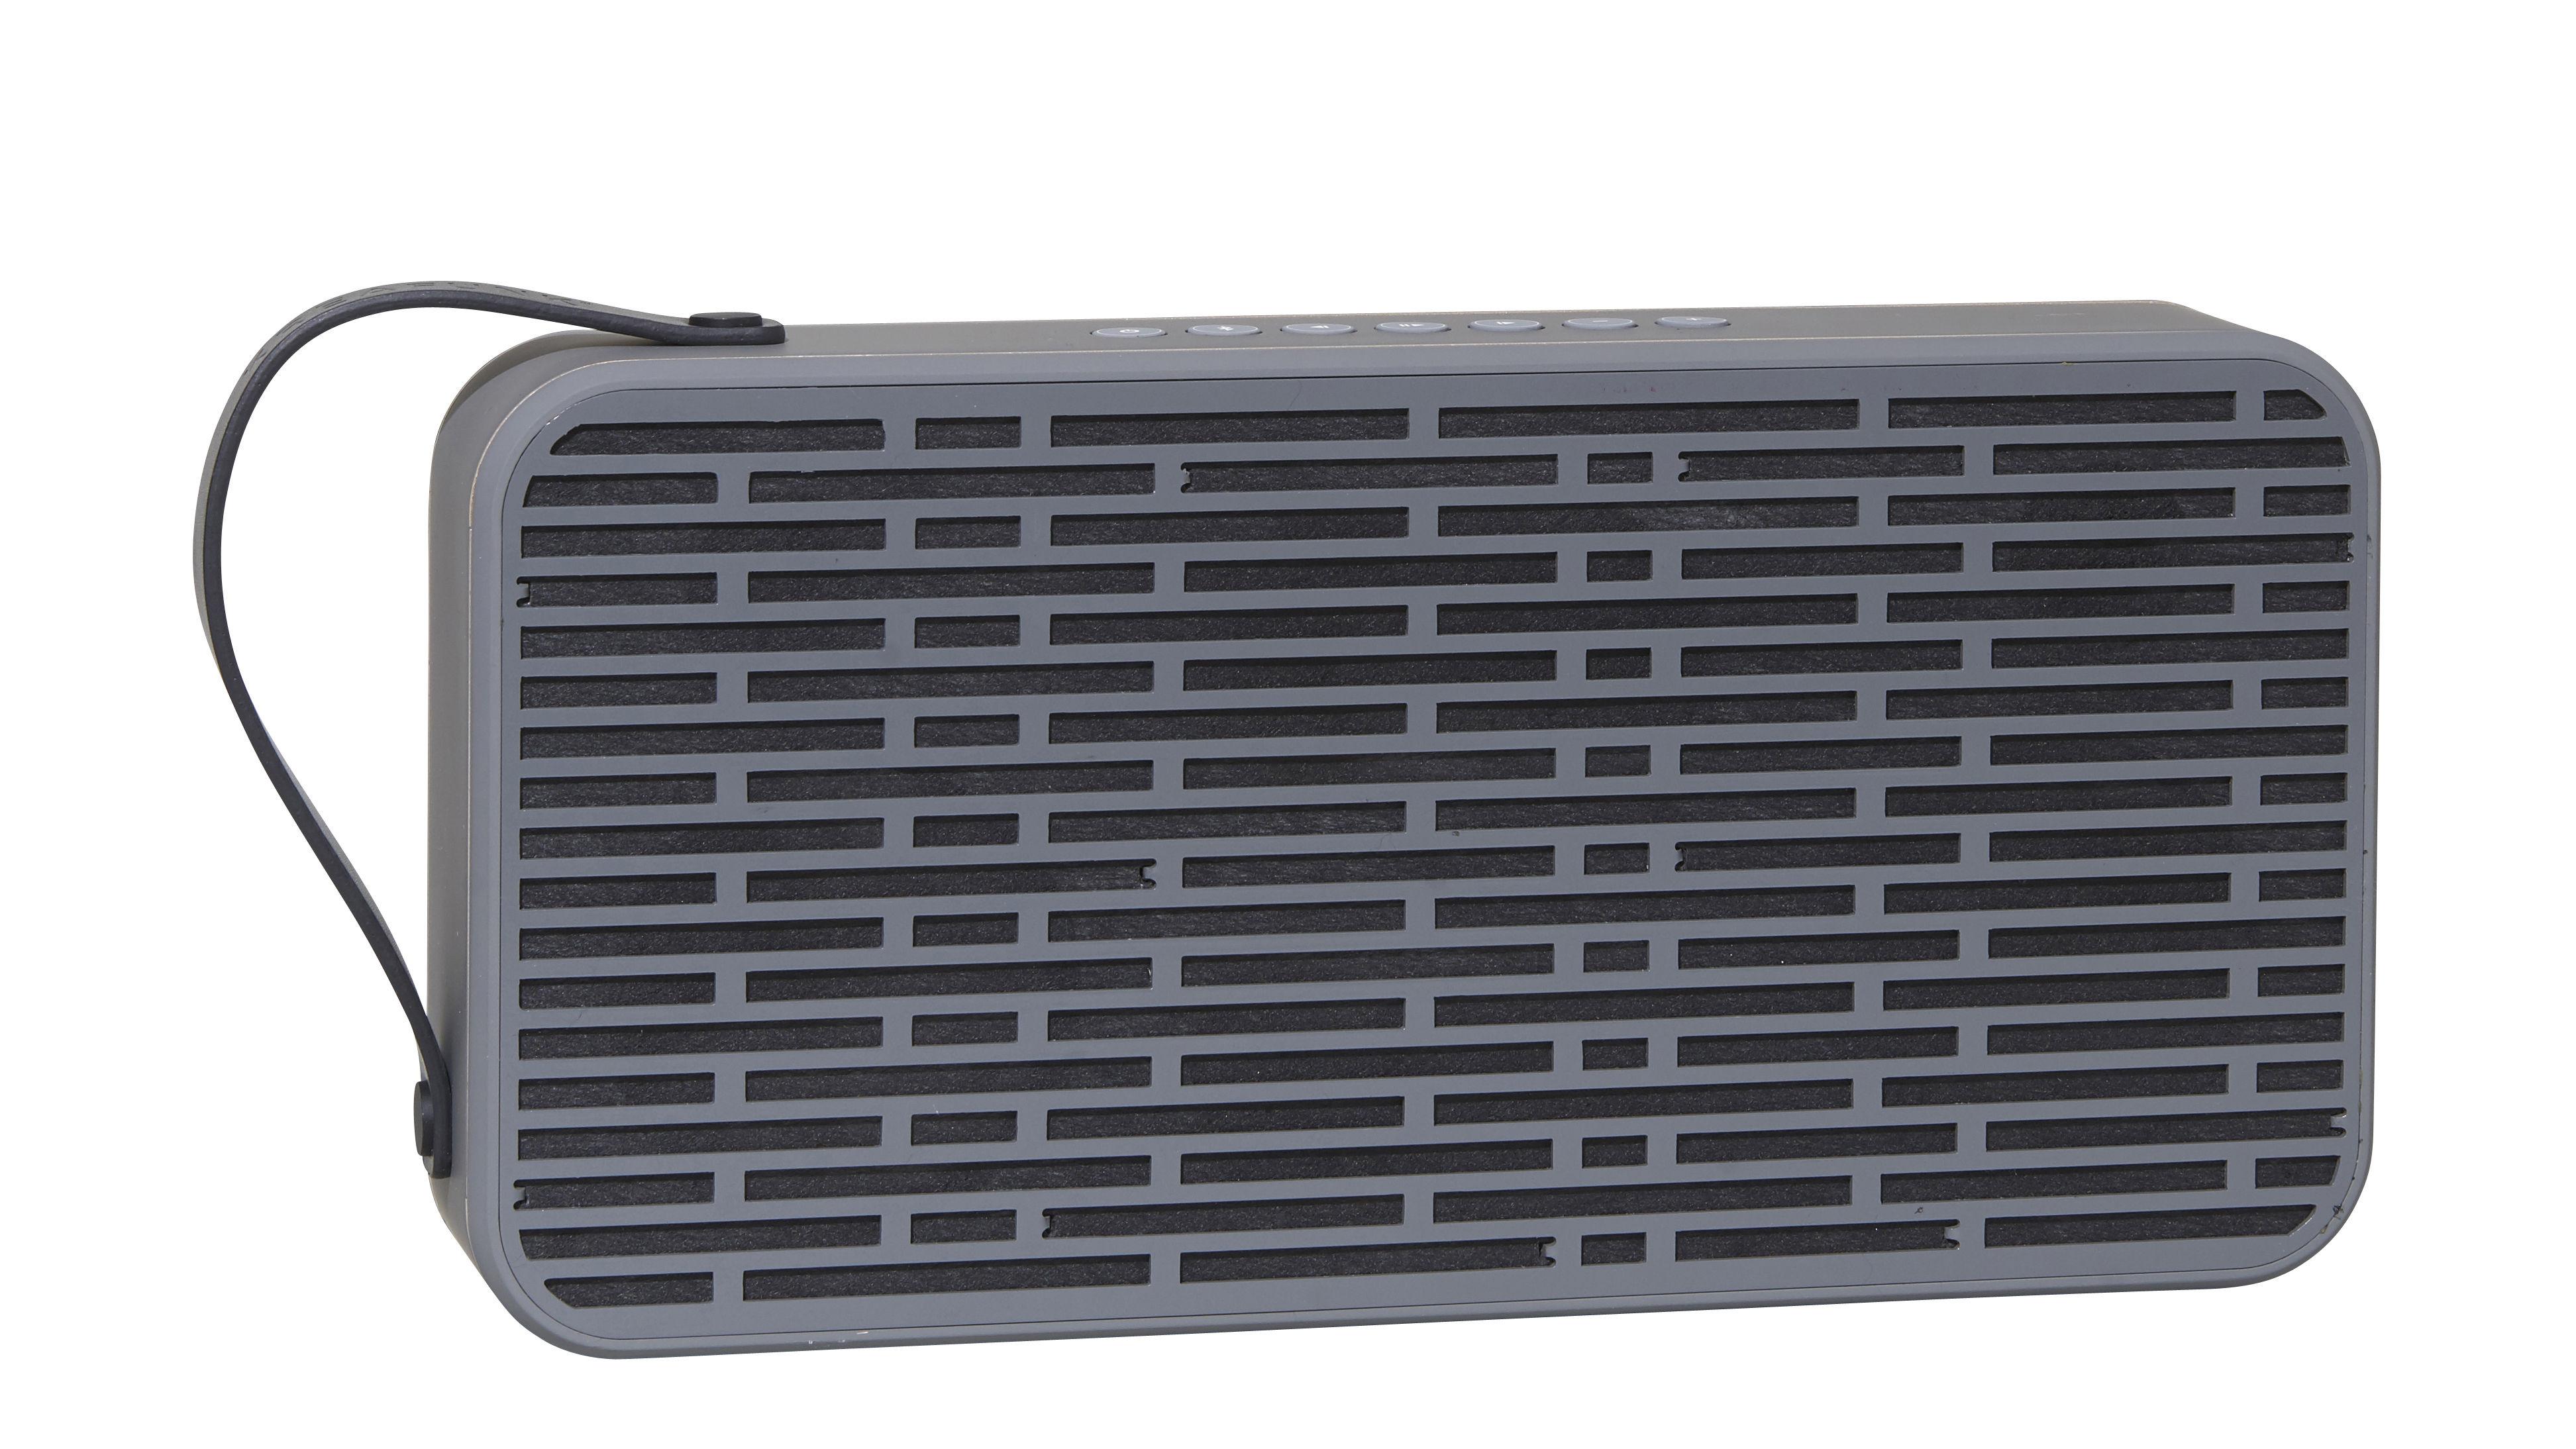 St-Valentin - Pour Lui - Enceinte Bluetooth aSound / Portable sans fil - Kreafunk - Gris foncé - Plastique